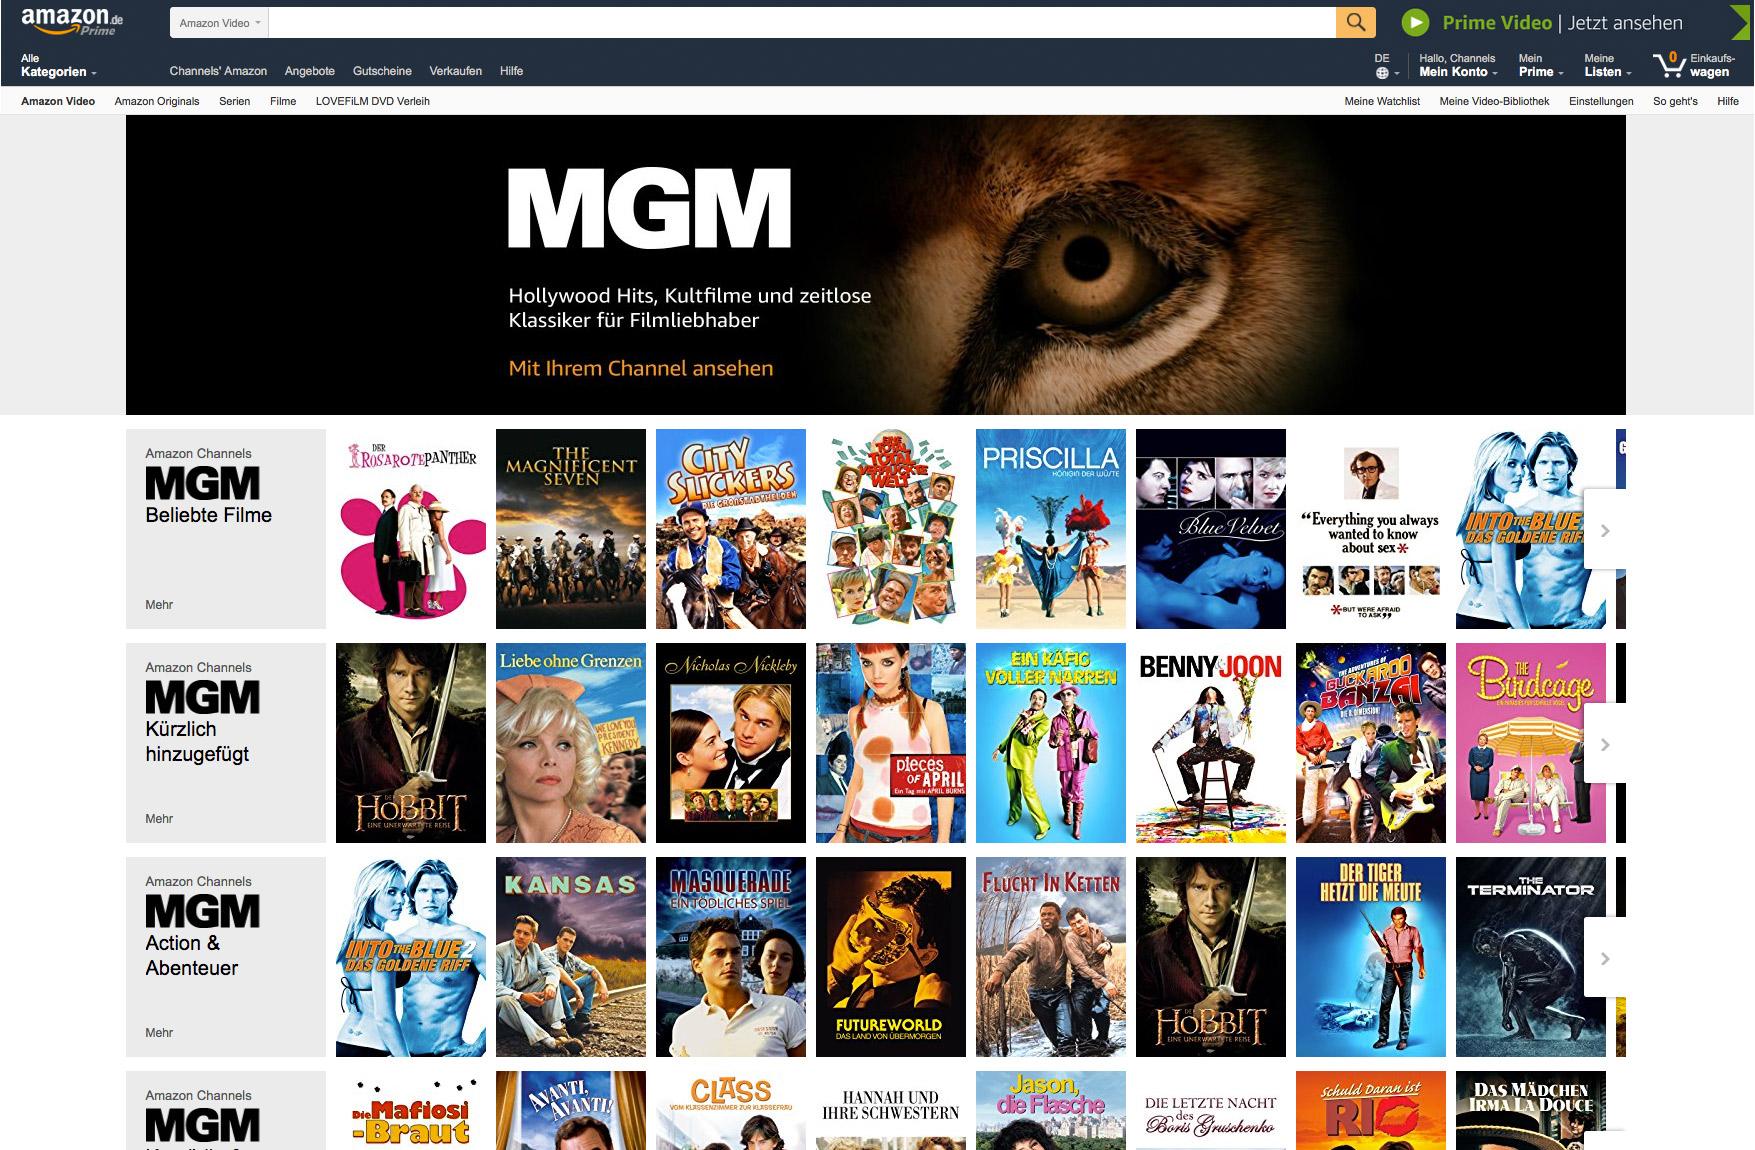 Amazon Channels: Prime Video erhält Pay-TV-Plattform mit Live-Fernsehen - Der MGM-Channel von Amazon Video (Bild: Amazon)